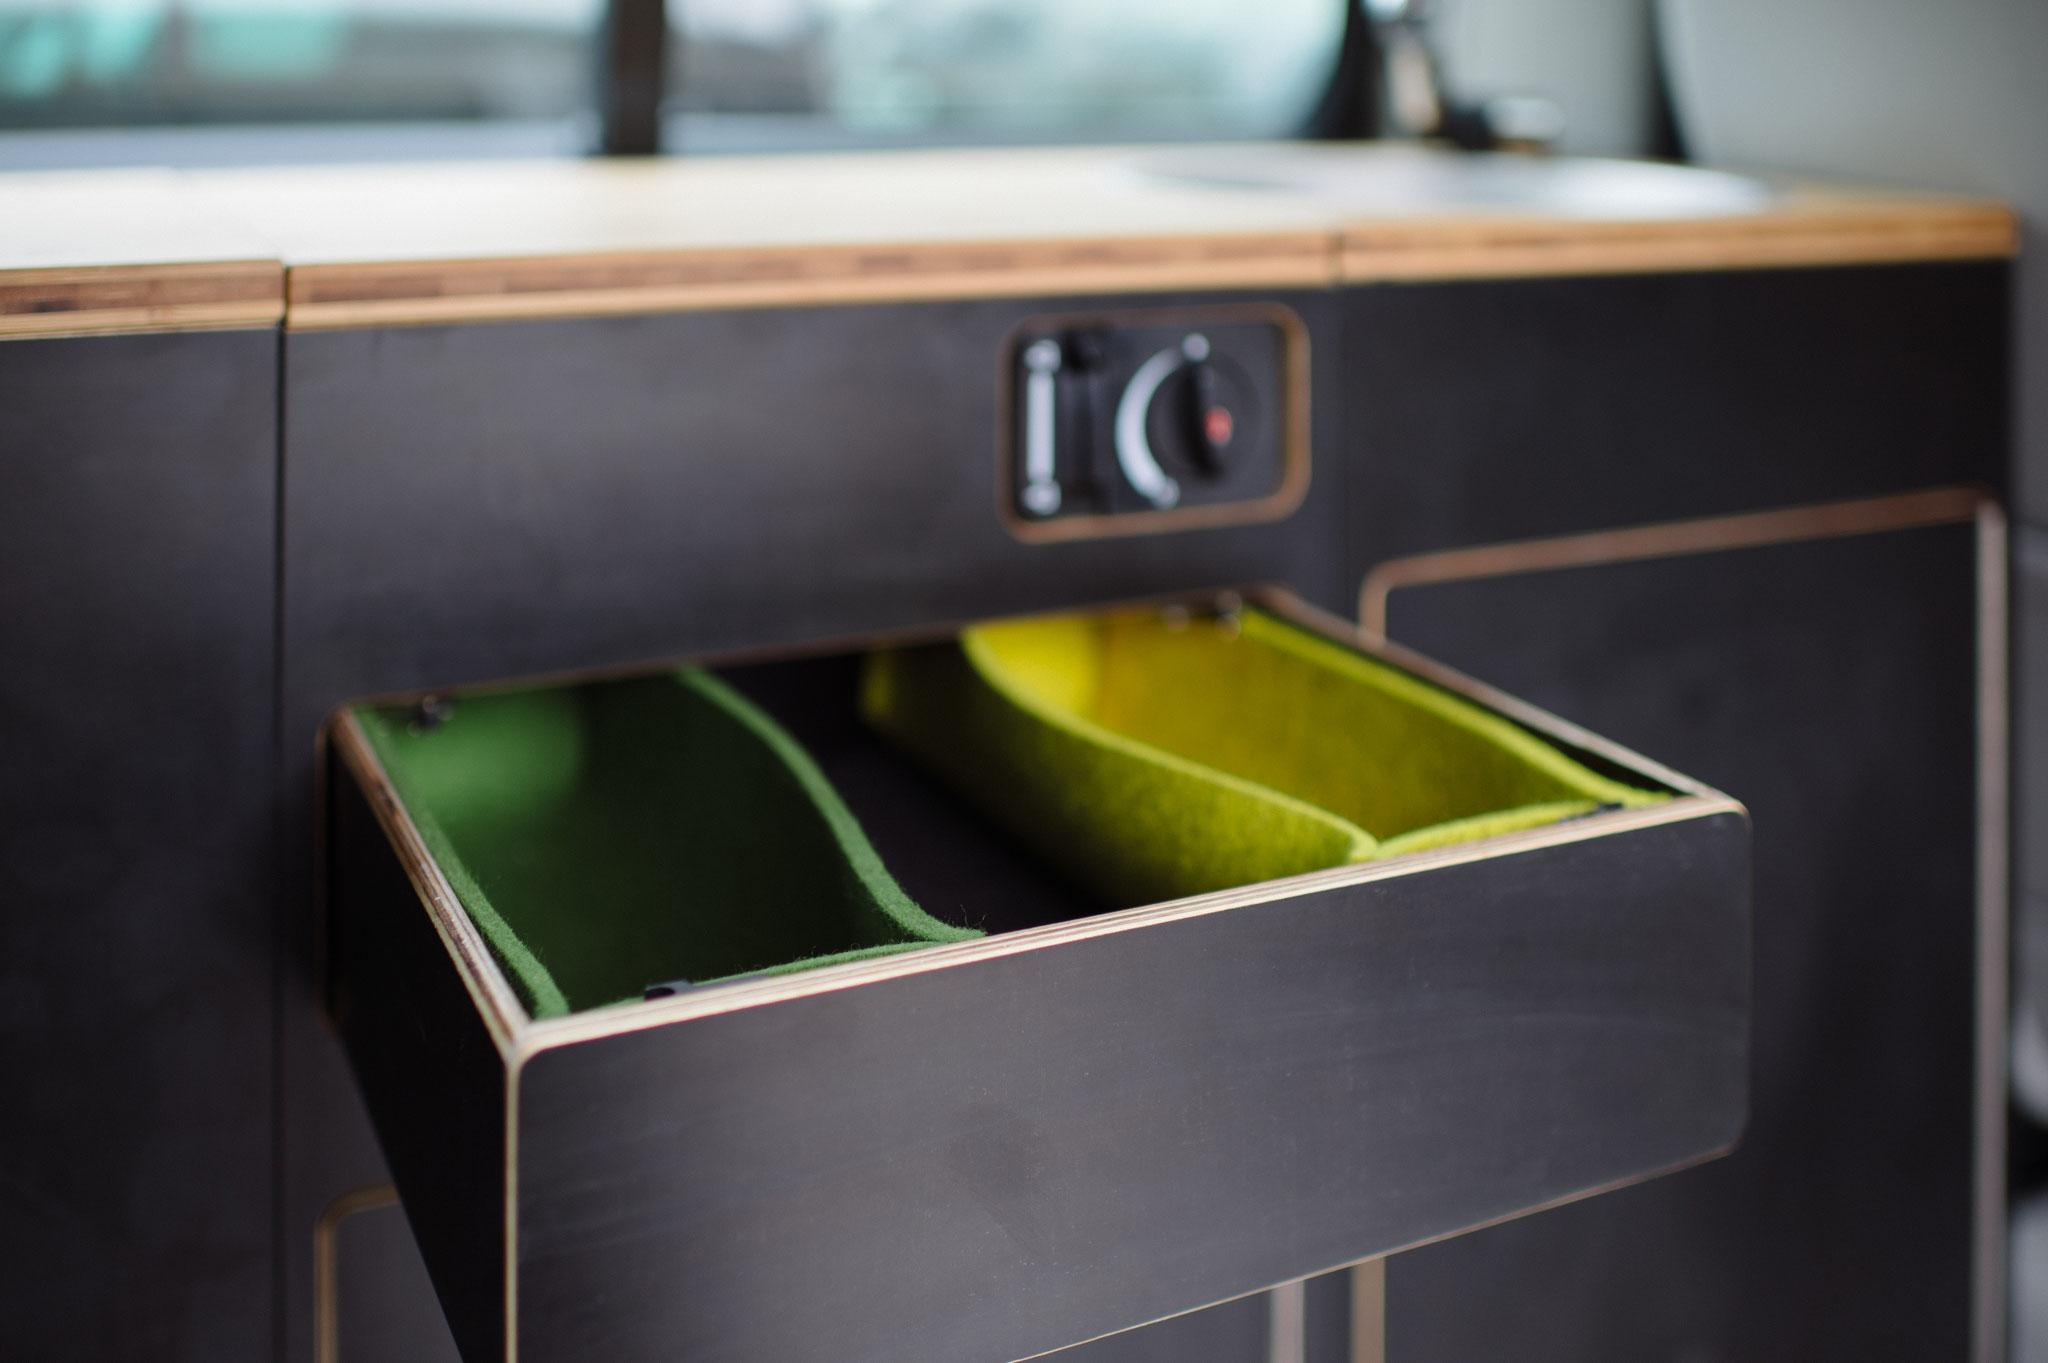 Filztaschen sorgen für Ordnung in der Besteckschublade